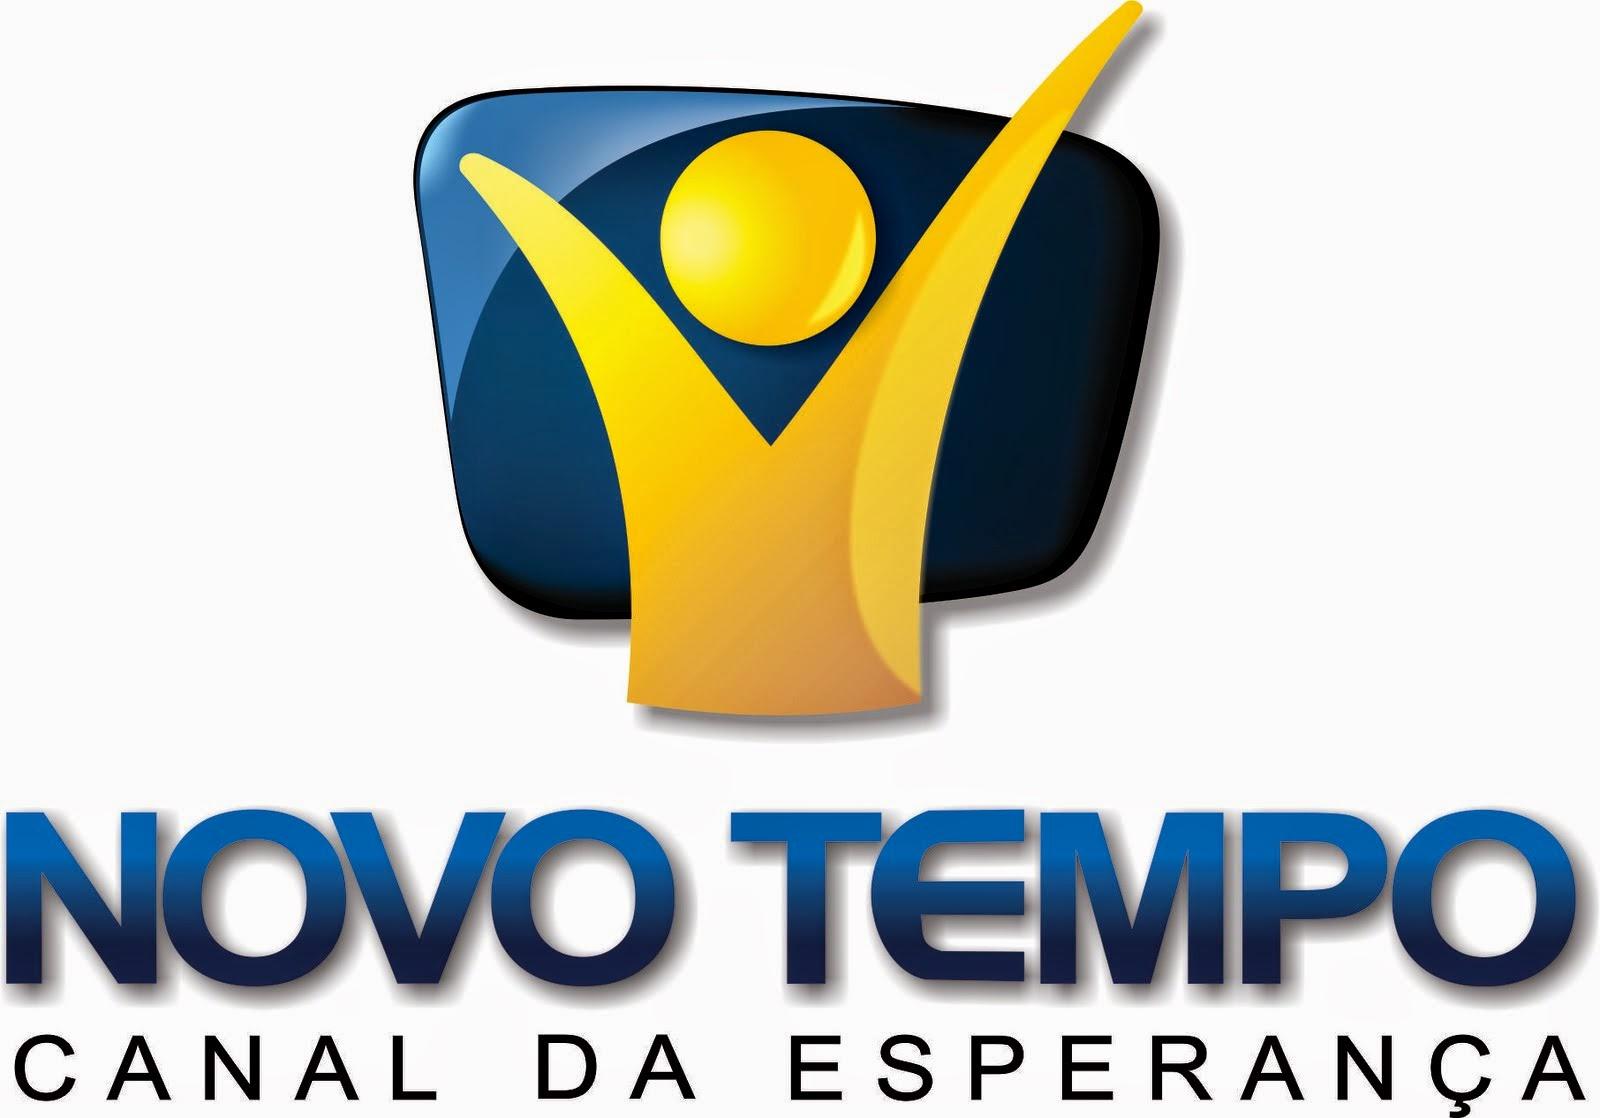 Rede Novo Tempo - TV e Rádio